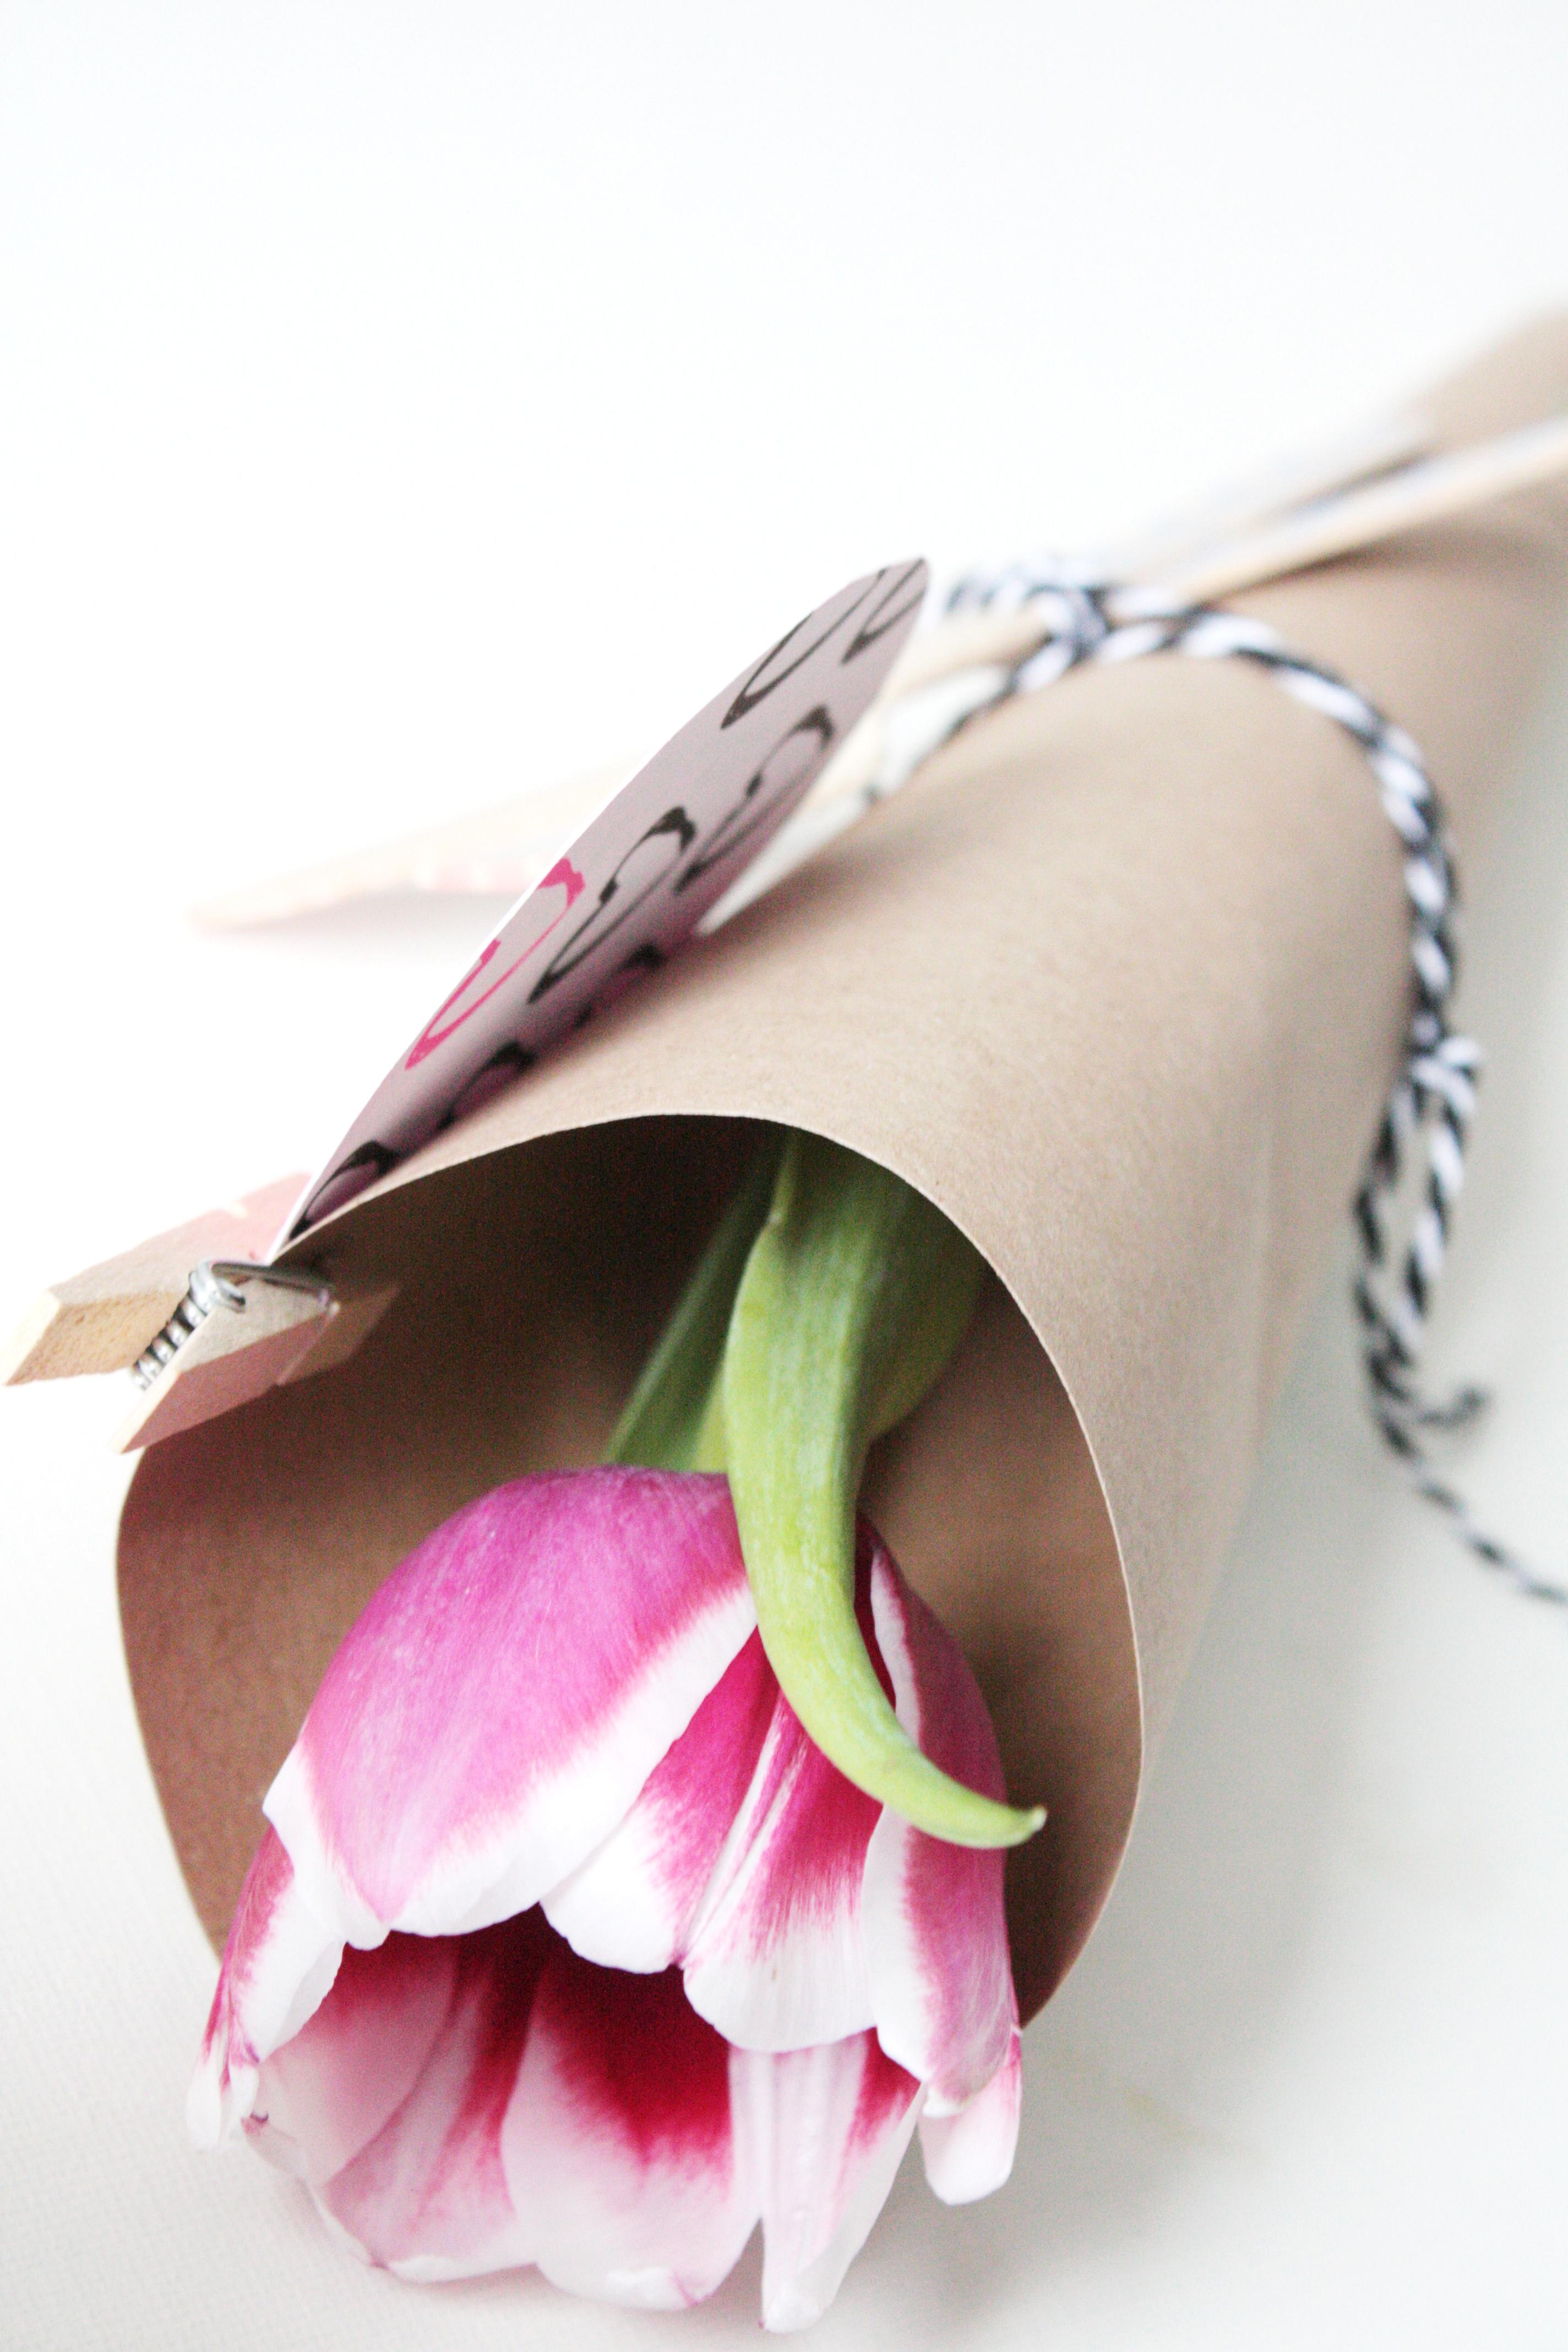 diy ostern: brunch einladung basteln - rosy & grey - diy blog, Einladungen